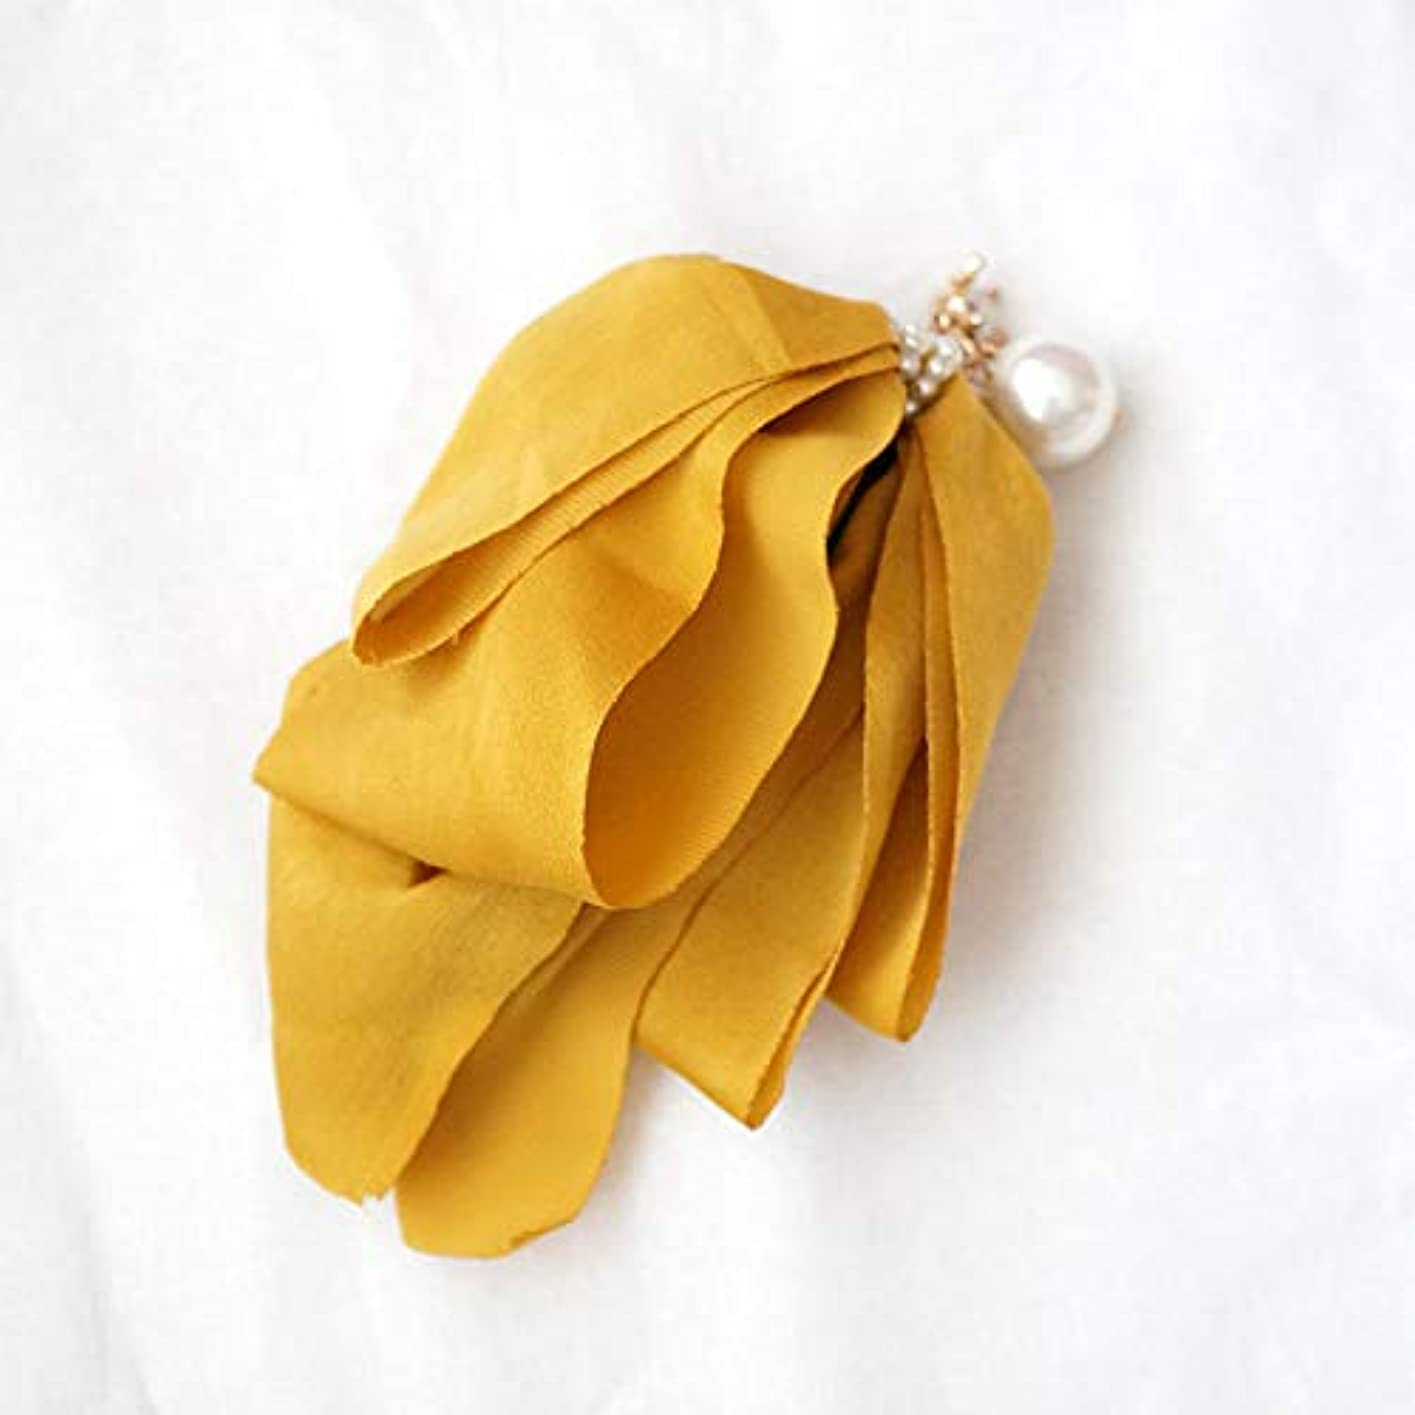 ゆるく夕食を食べるビームHuaQingPiJu-JP ファッションロゼットヘアピン便利なヘアクリップ女性の結婚式のアクセサリー(イエロー)